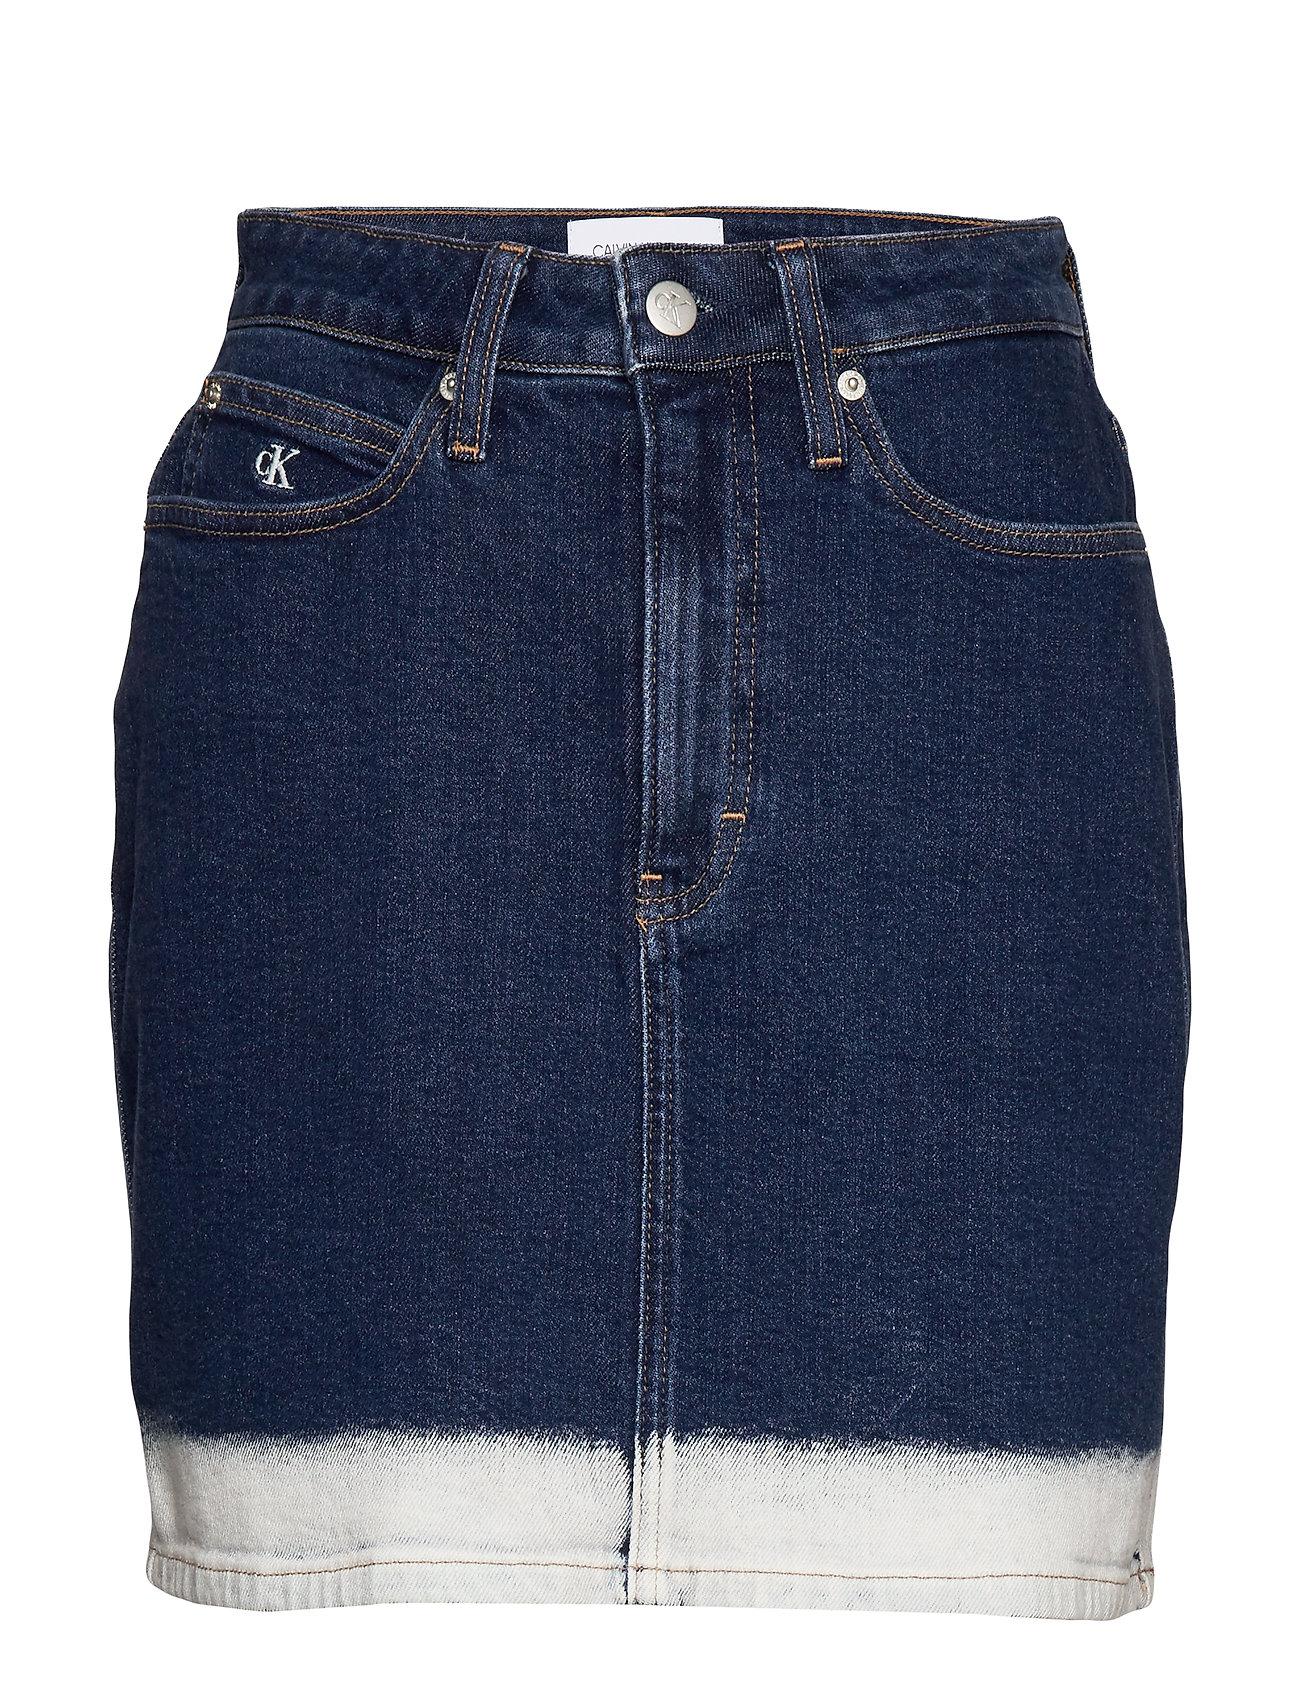 Calvin Klein Jeans HIGH RISE MINI SKIRT - CA032 DARK BLUE BLEACH SIDE ST